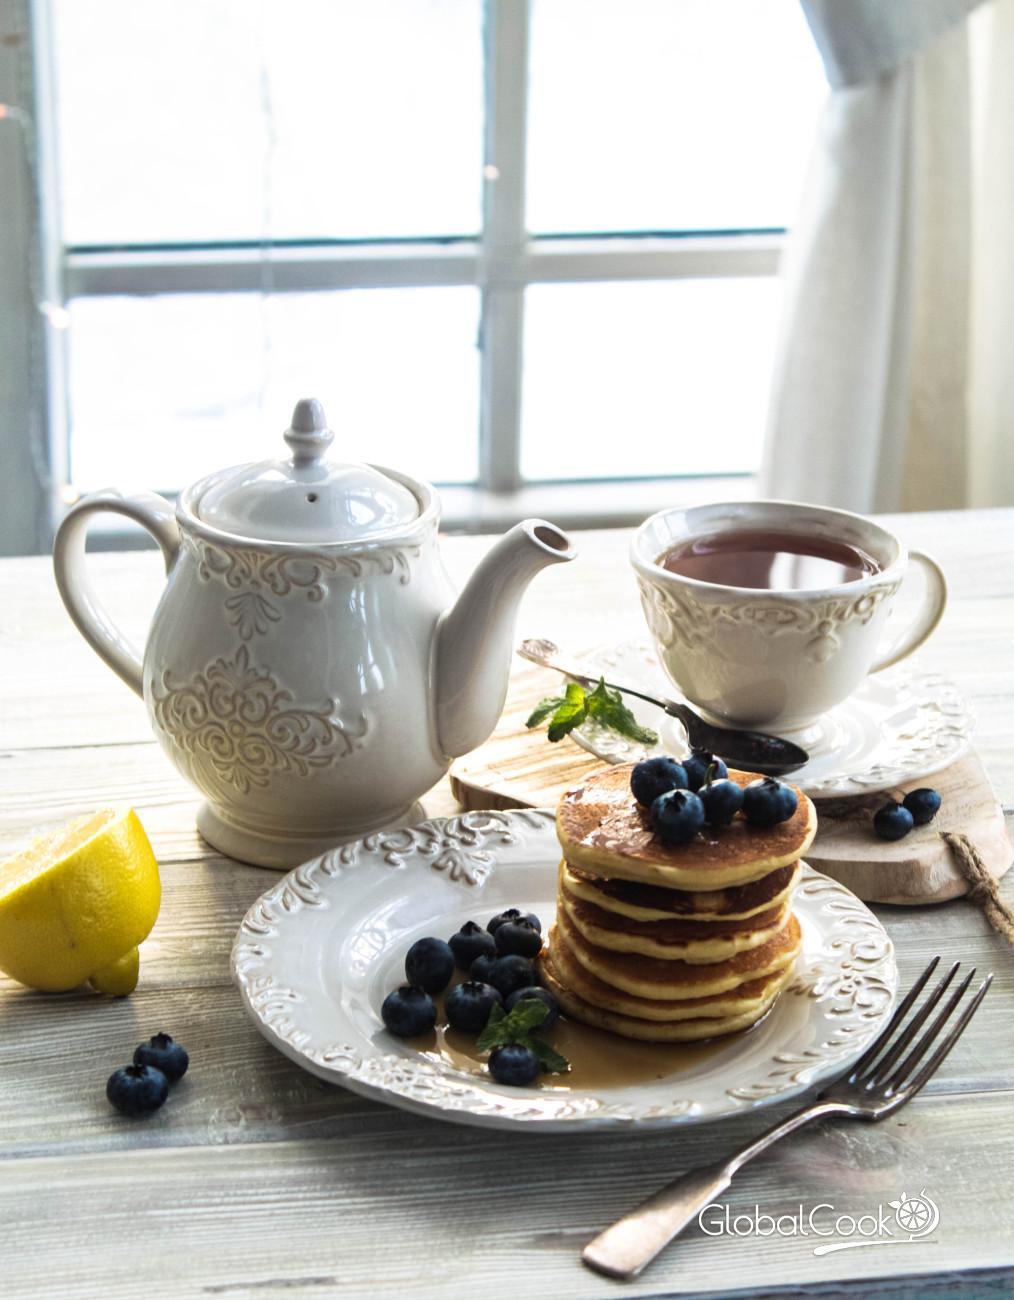 Открытка, картинки кофе и чай за столом с десертом